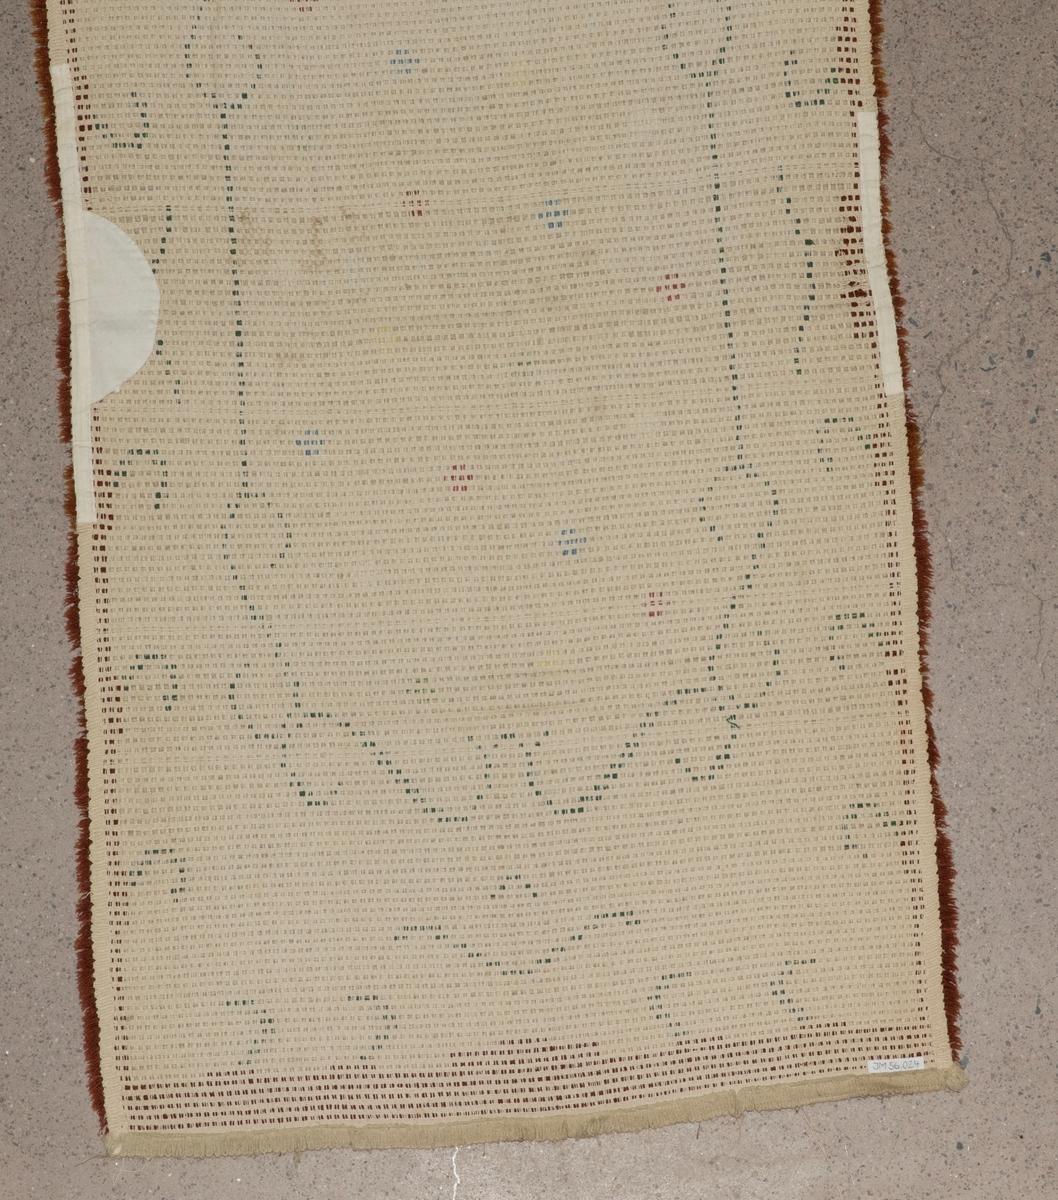 """Matta vävd i flossateknik, varpen är av bomull och inslaget av ylle. Mattan är rektangulär med beige botten med möster i form av gröna slingor och korsformade """"blommor"""" i grönt, blått, rosa, gult och beige. Runt mattans kanter är en ram i rost-brun färg. På baksidan är mattan förstärkt på ett par ställen med bomullsband och tyg."""